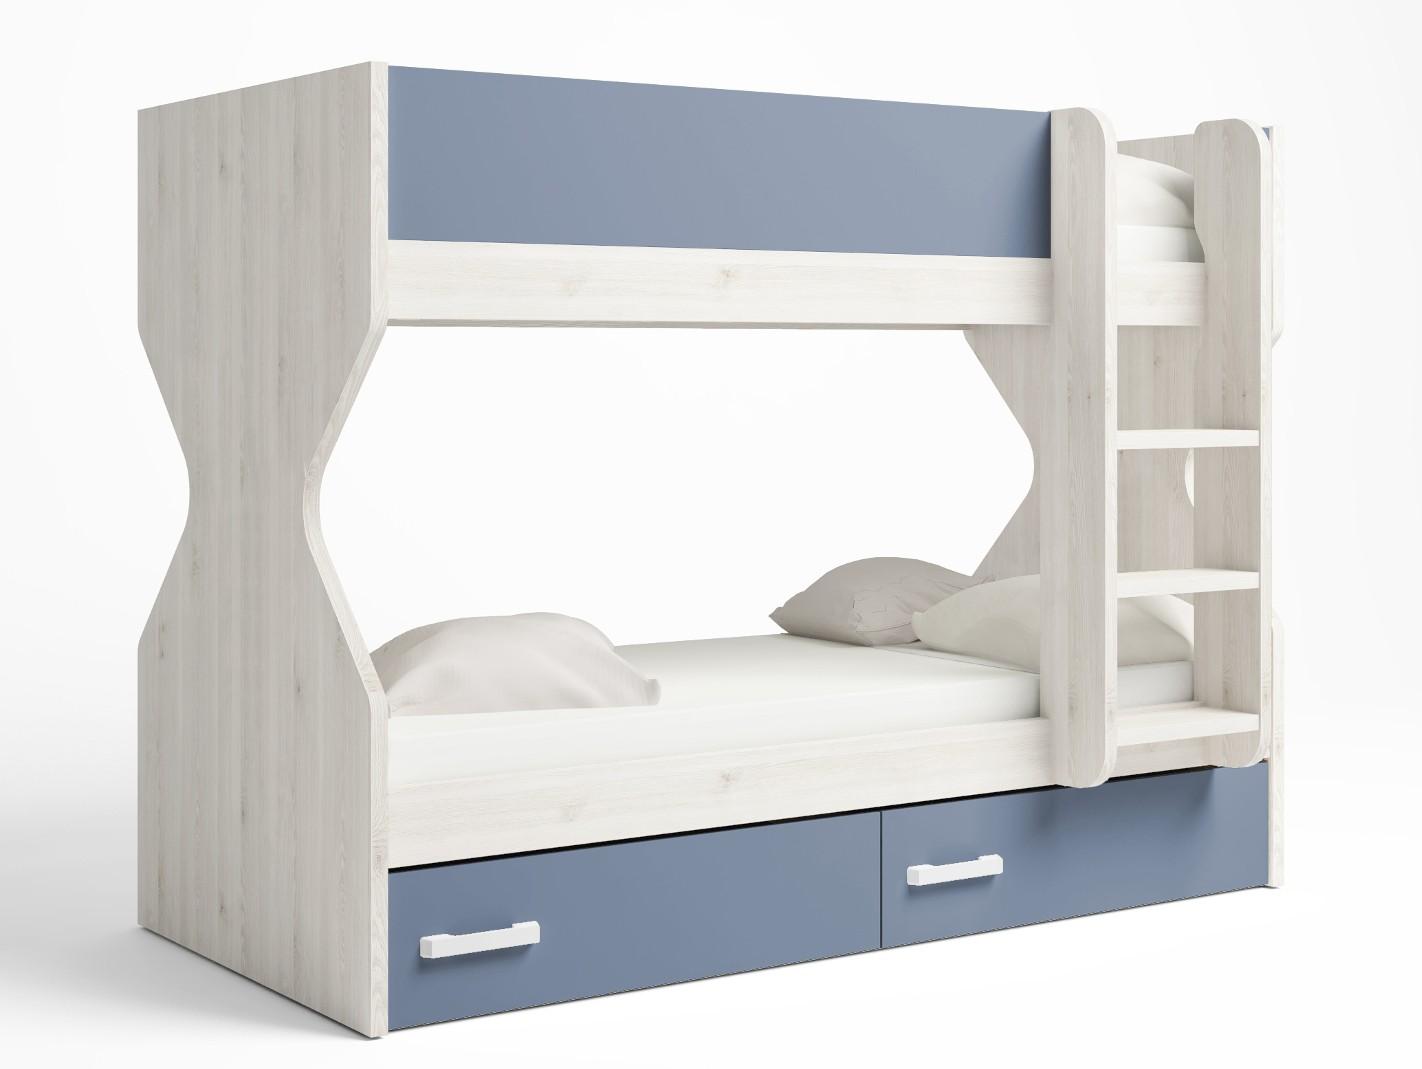 Dormitorio con estilo dise os arquitect nicos for Nuevo estilo dormitorios matrimonio